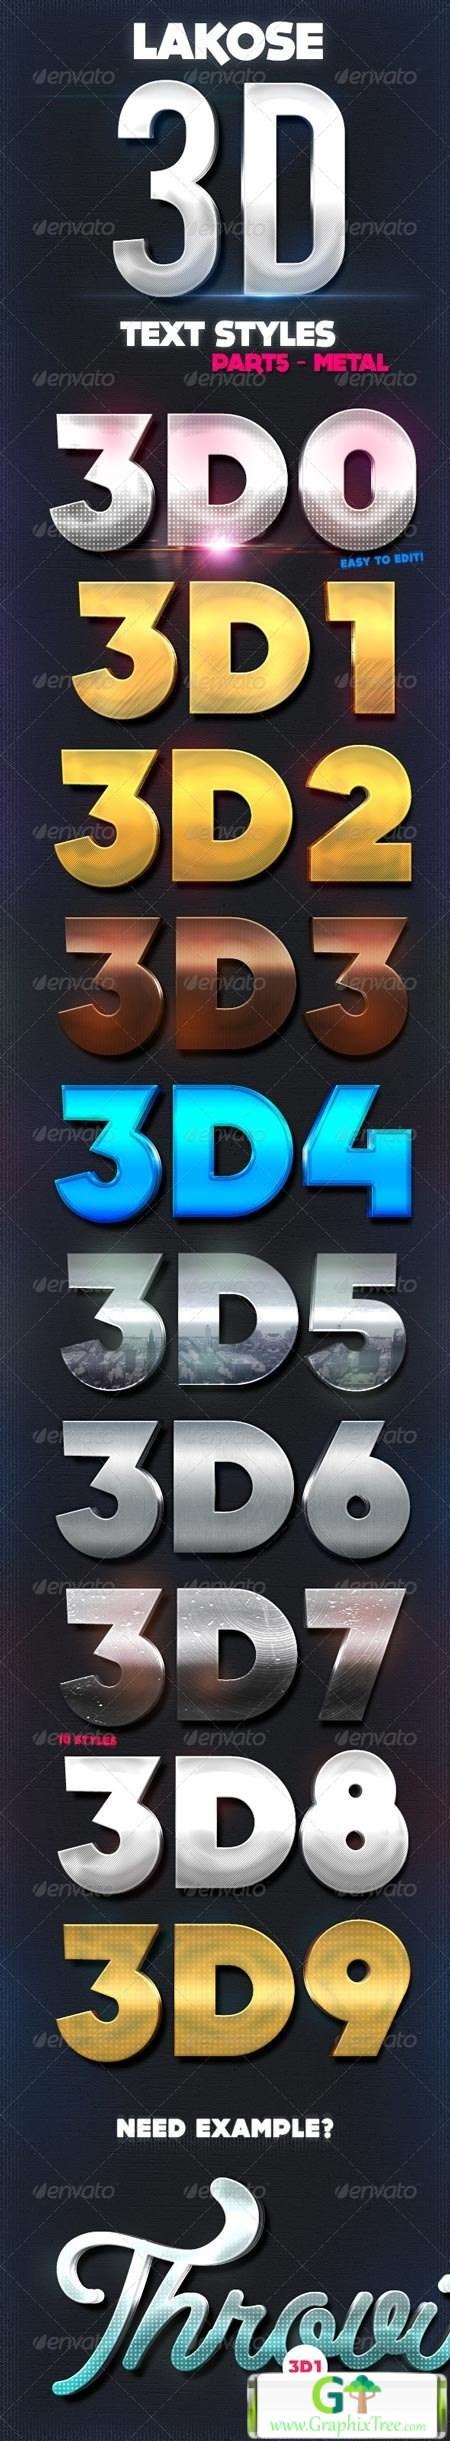 Lakose 3D Text Styles Part 5 8617276